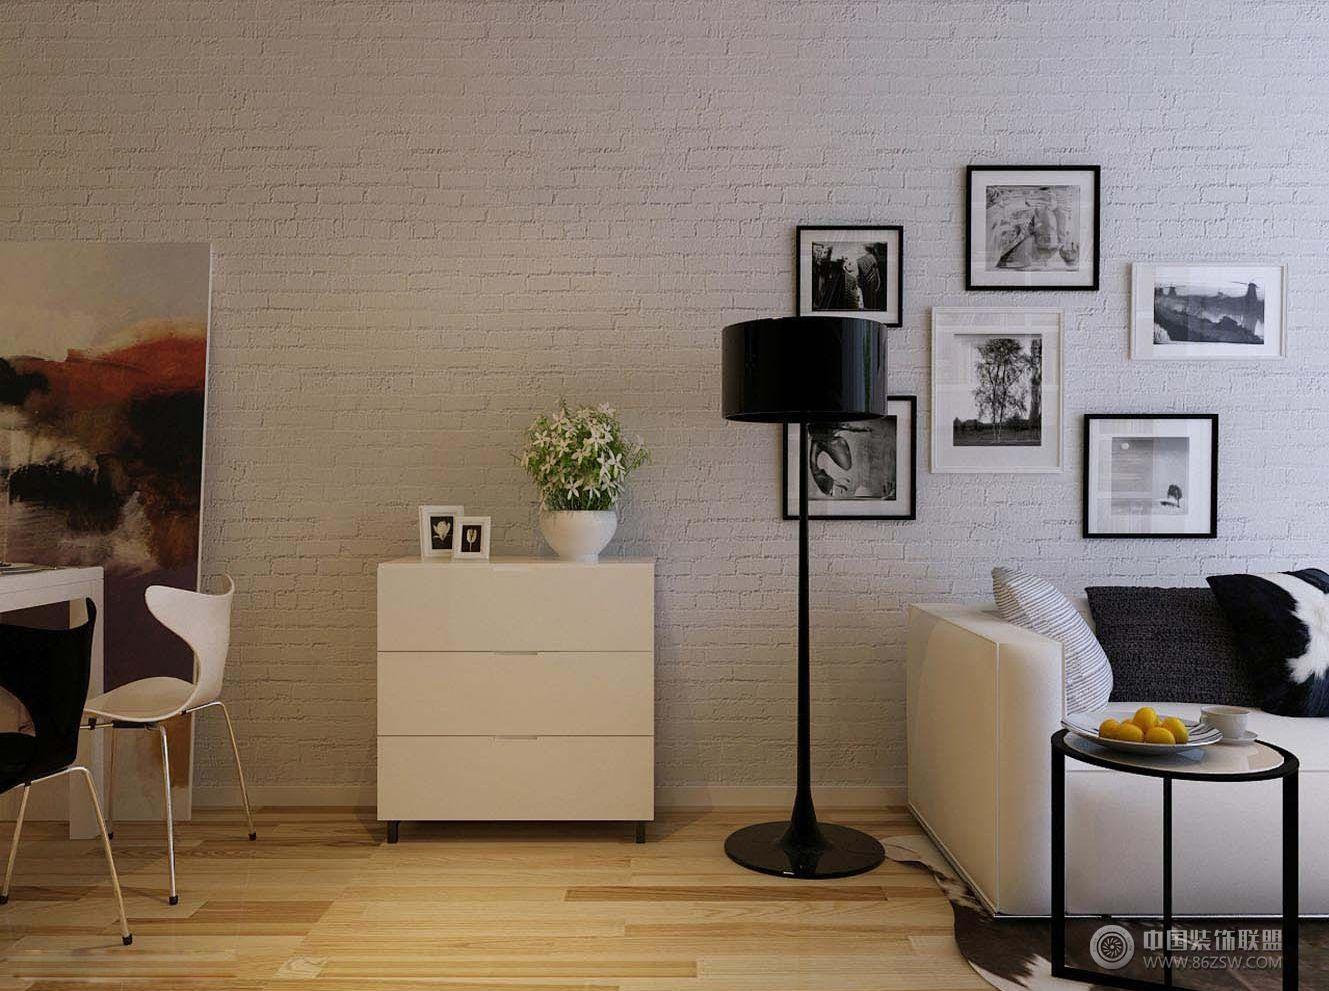 单身公寓装修图片 单身公寓装修图片